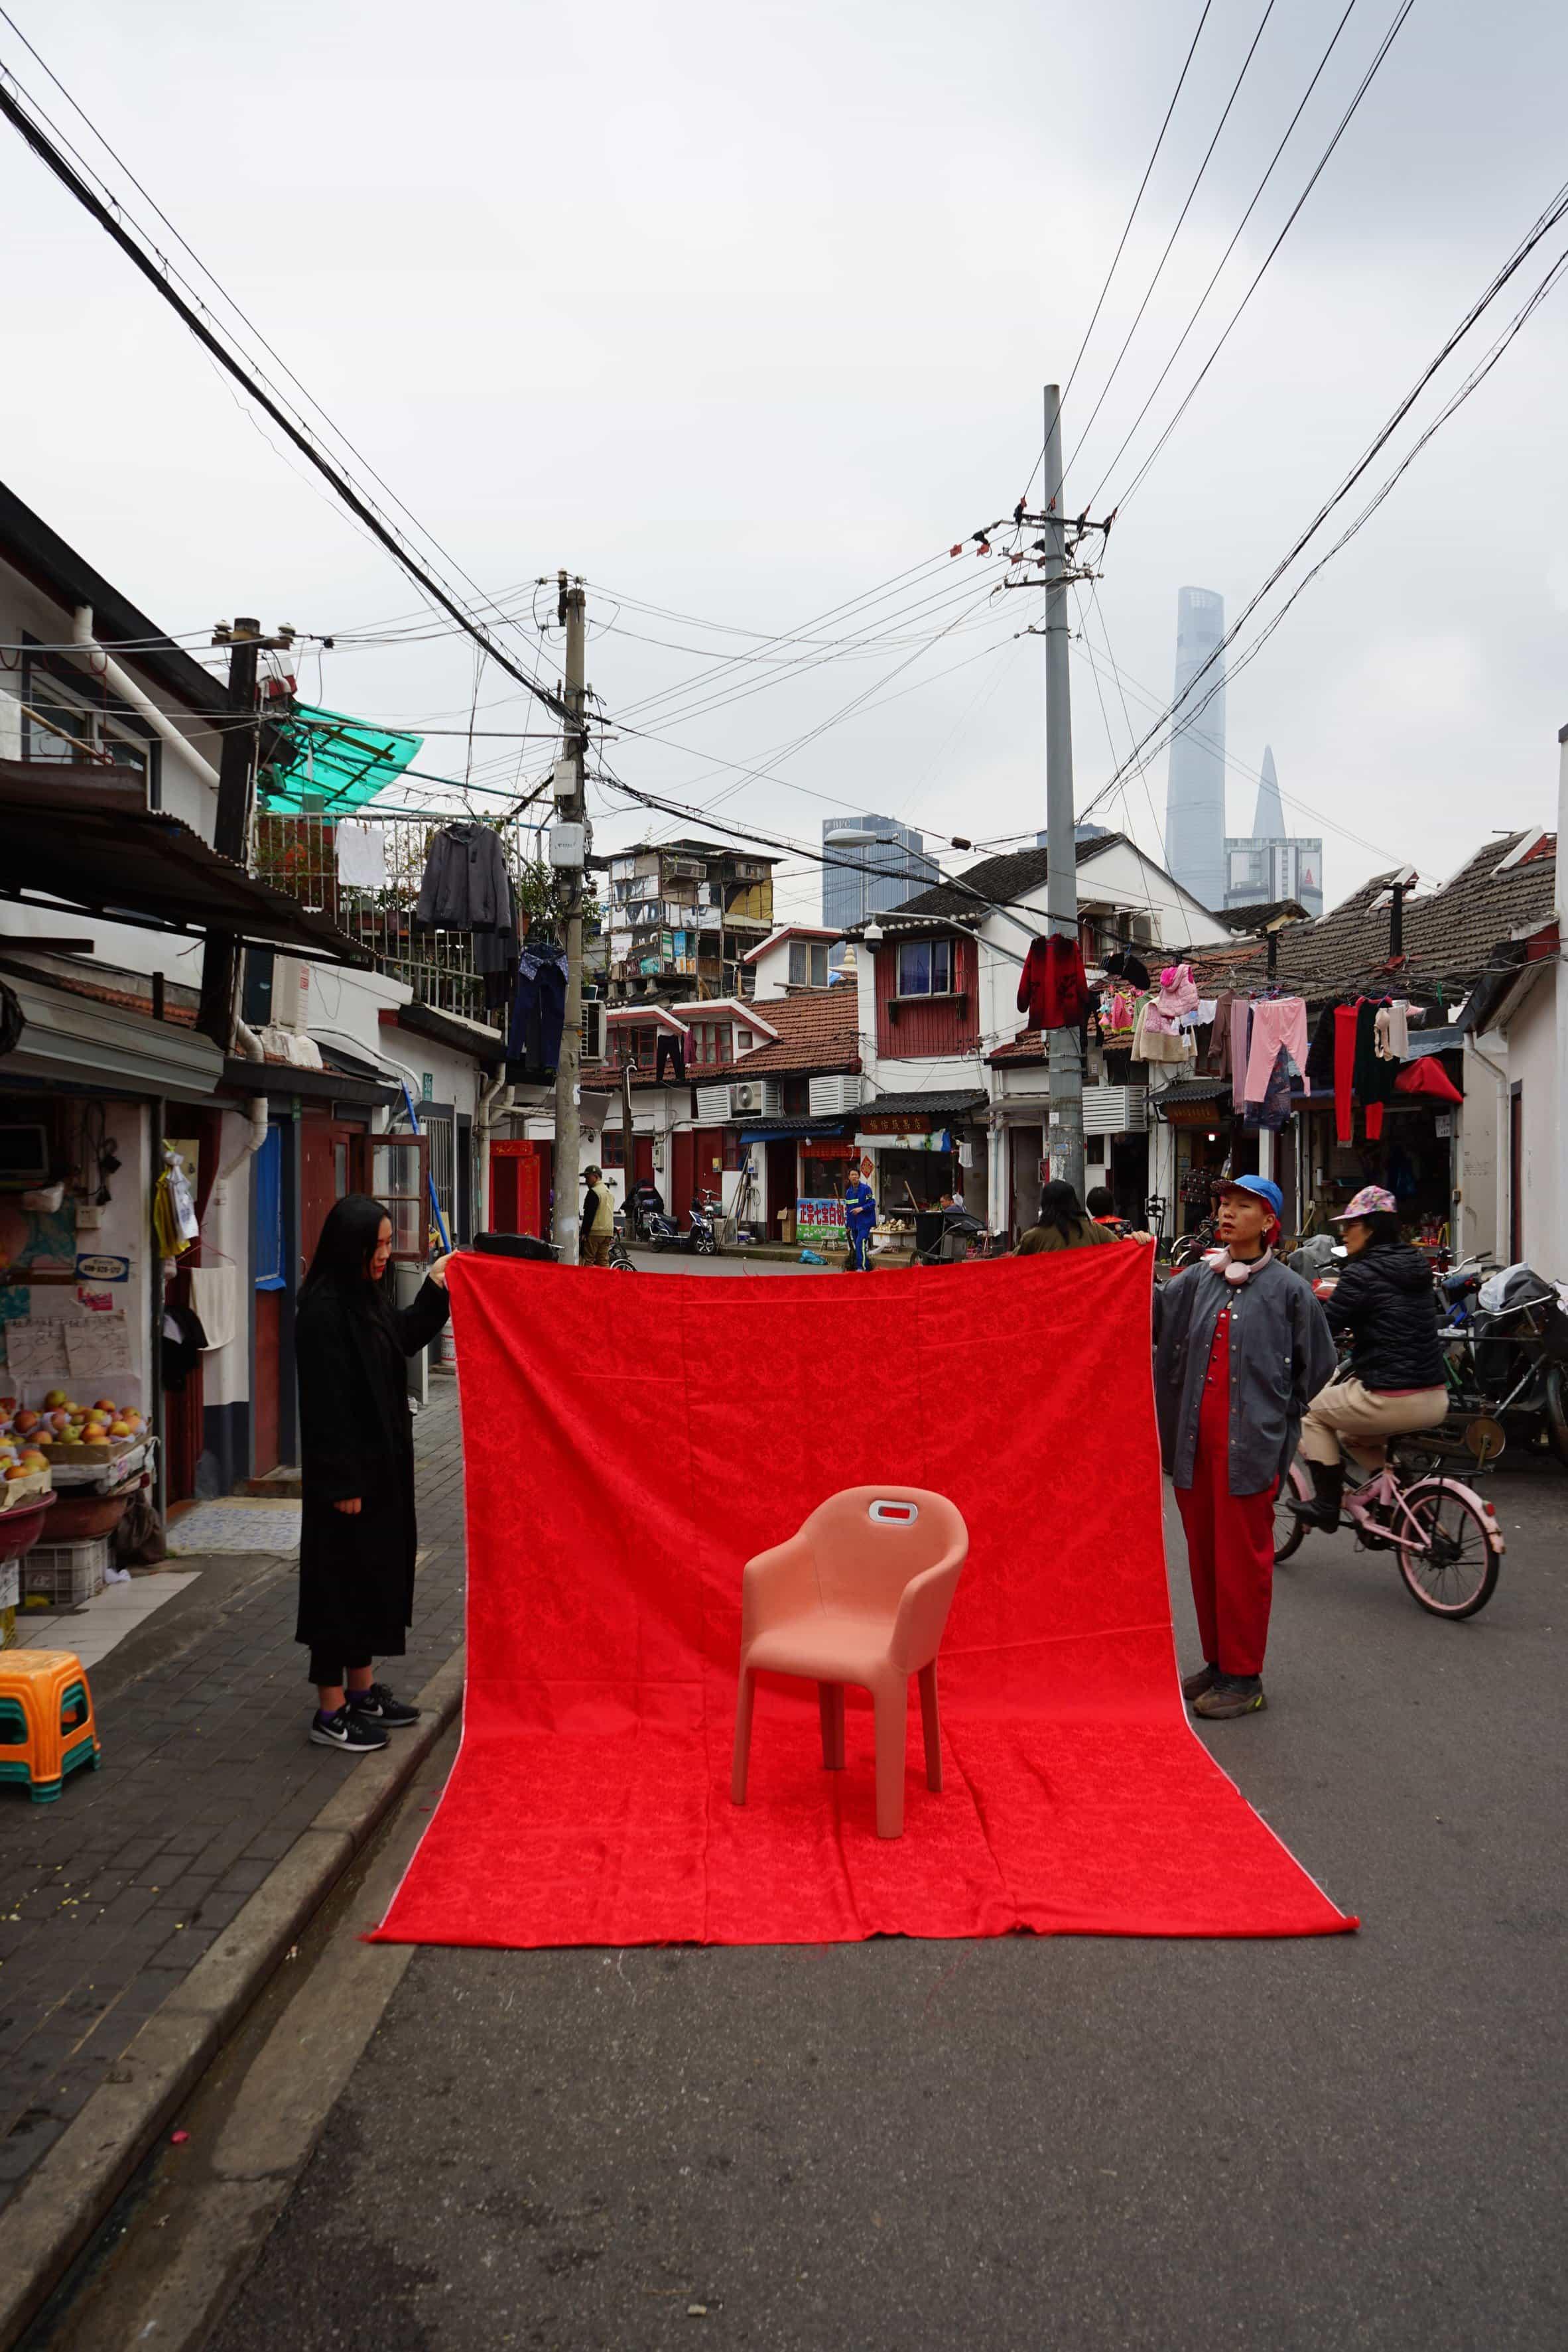 Silla fotografiada contra una sábana roja sostenida por dos lugareños en una calle china